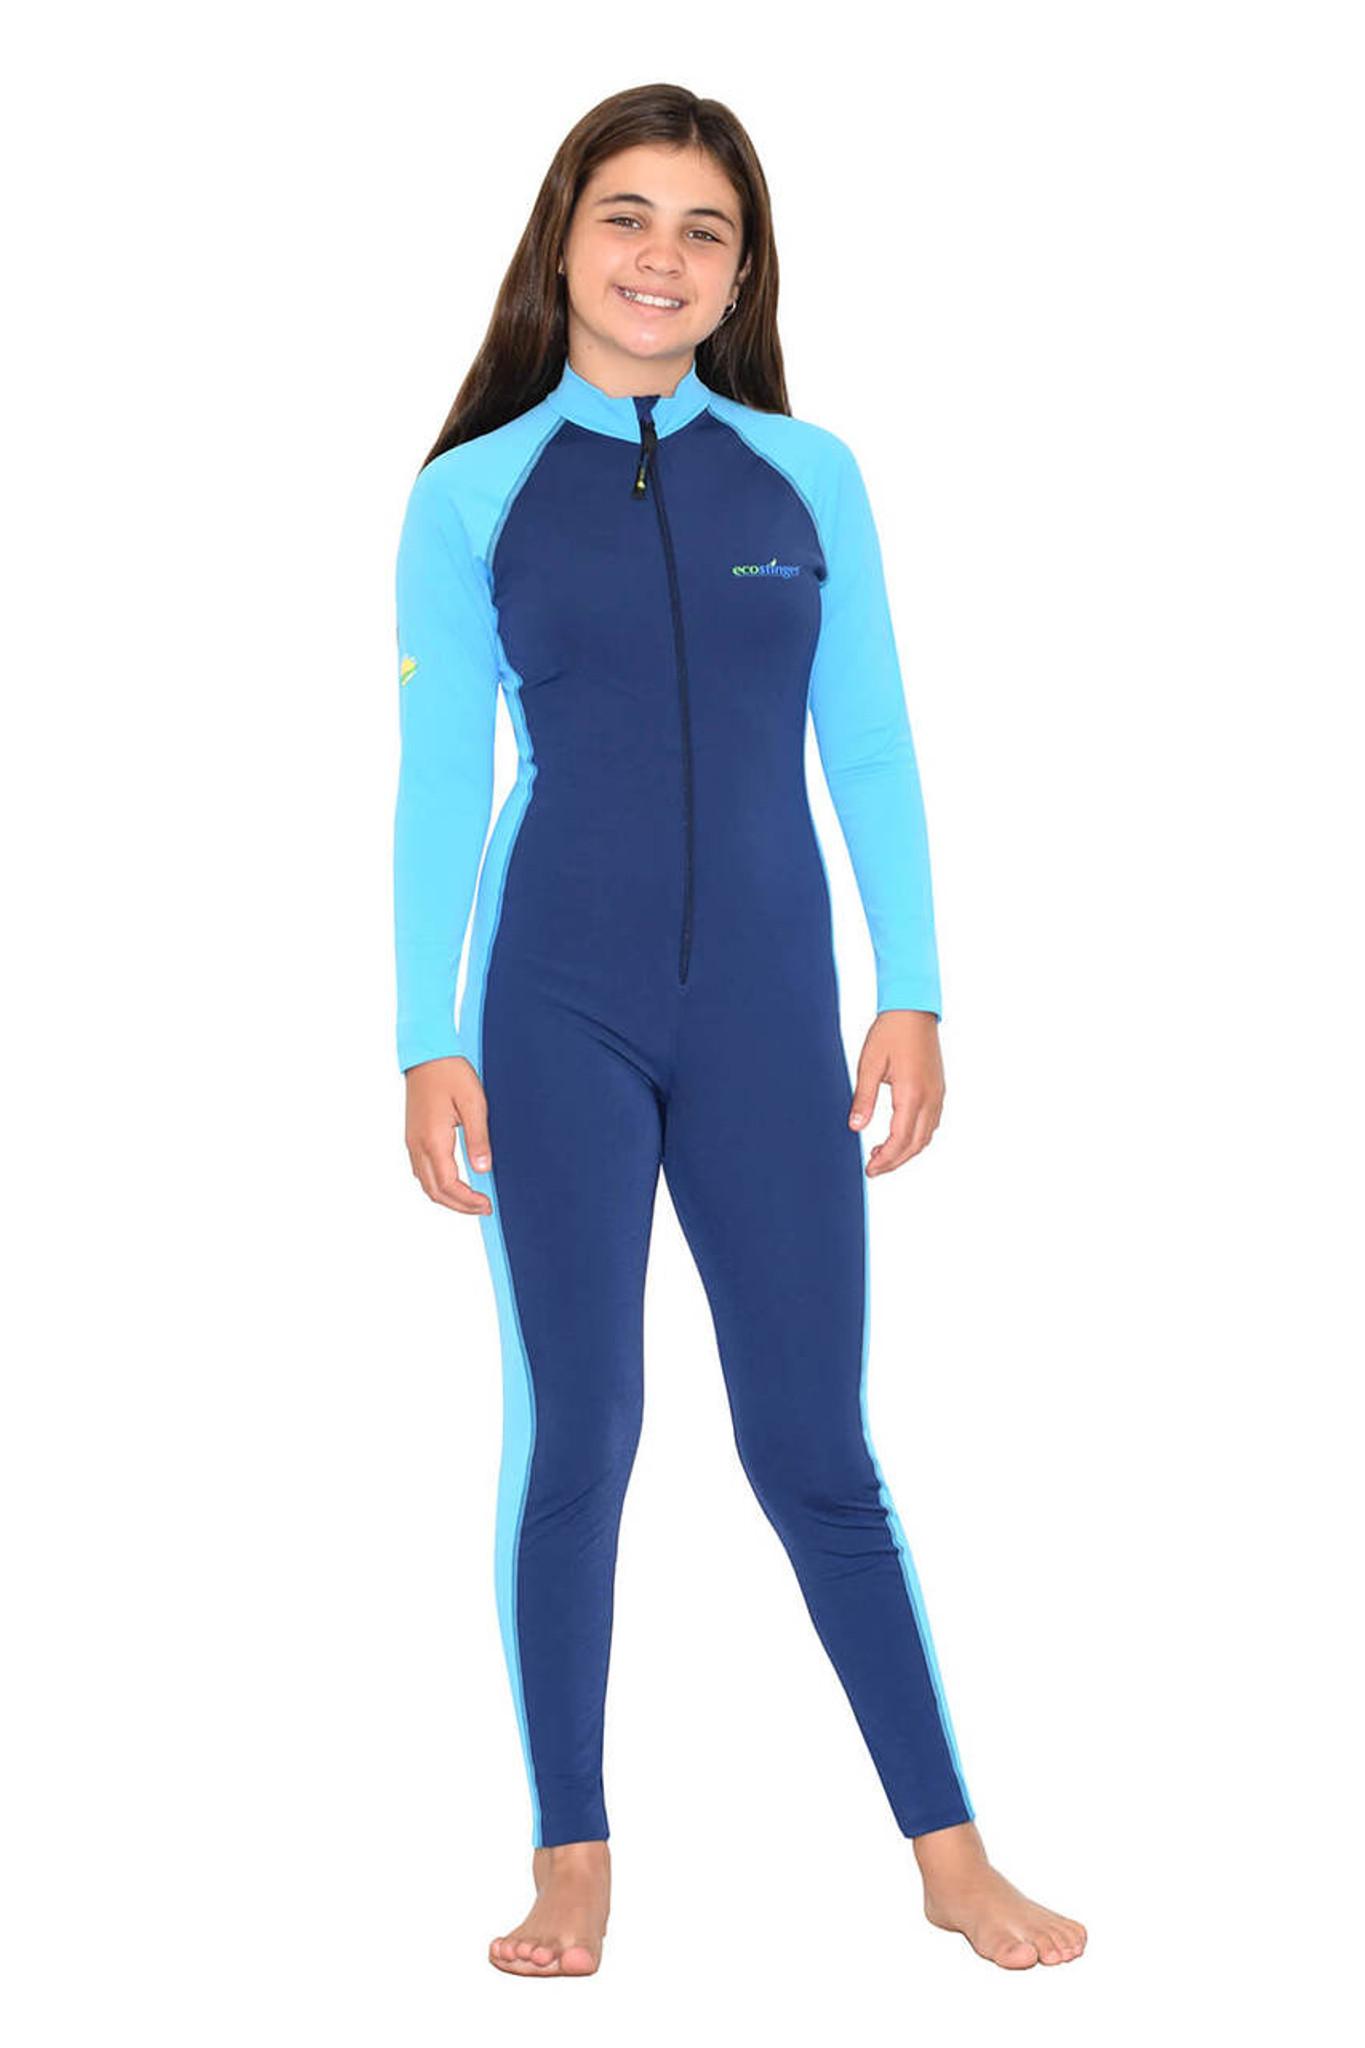 d1729b59697 Girls Full Body Swimsuit Stinger Suit Long Sleeves UV Protection UPF50+  Navy Blue (Chlorine Resistant